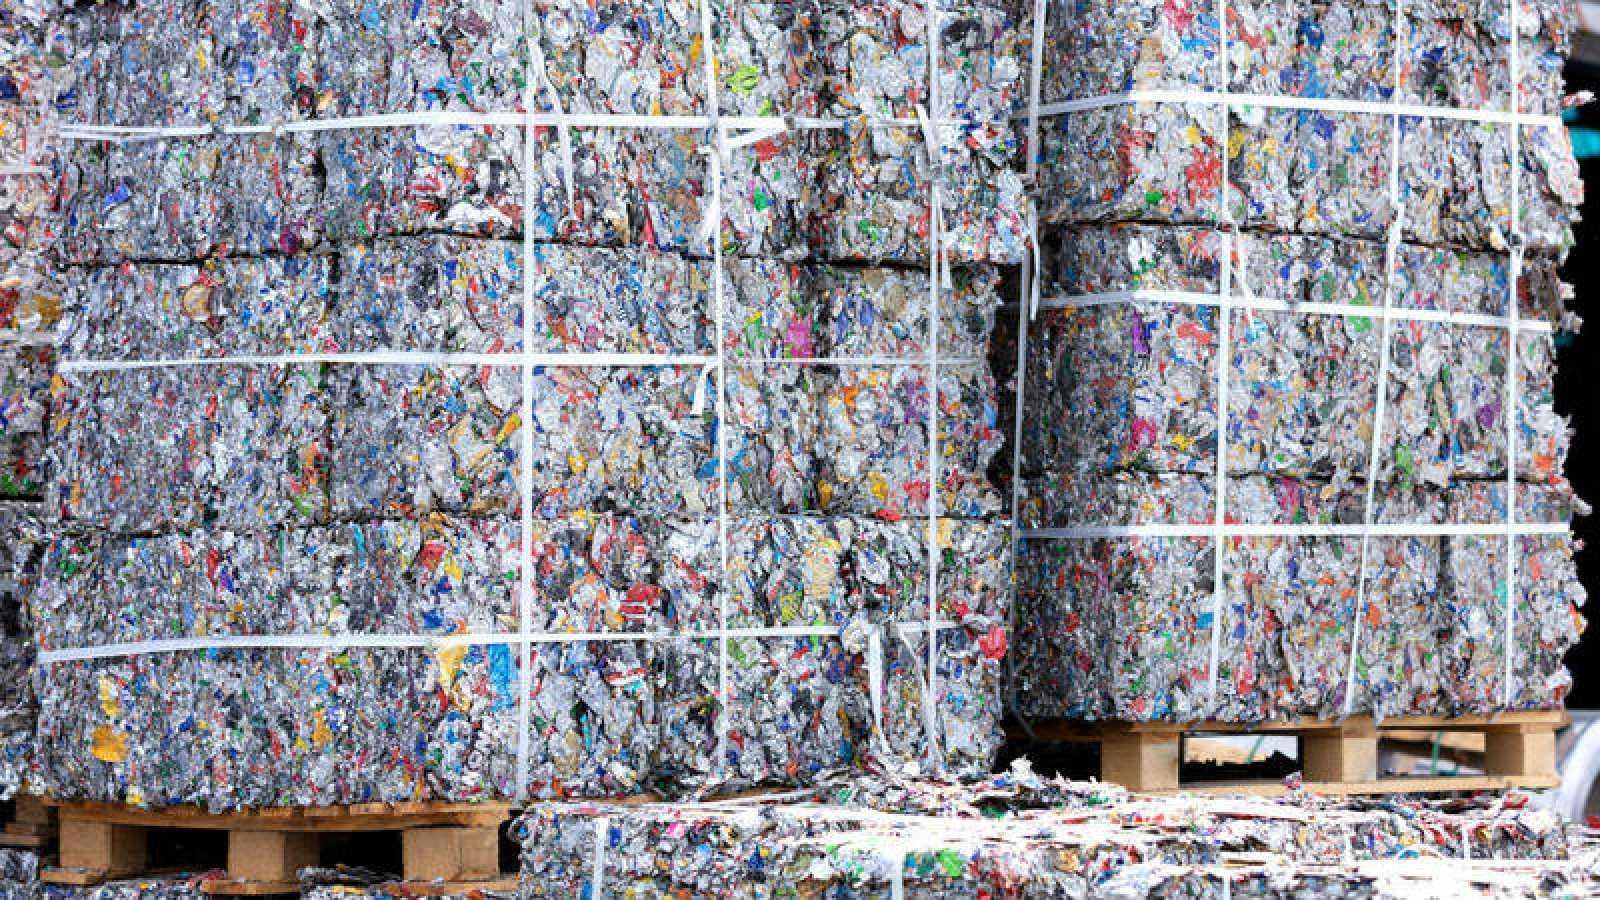 Altos bloques de chatarra hechos a partir de latas de alumino.